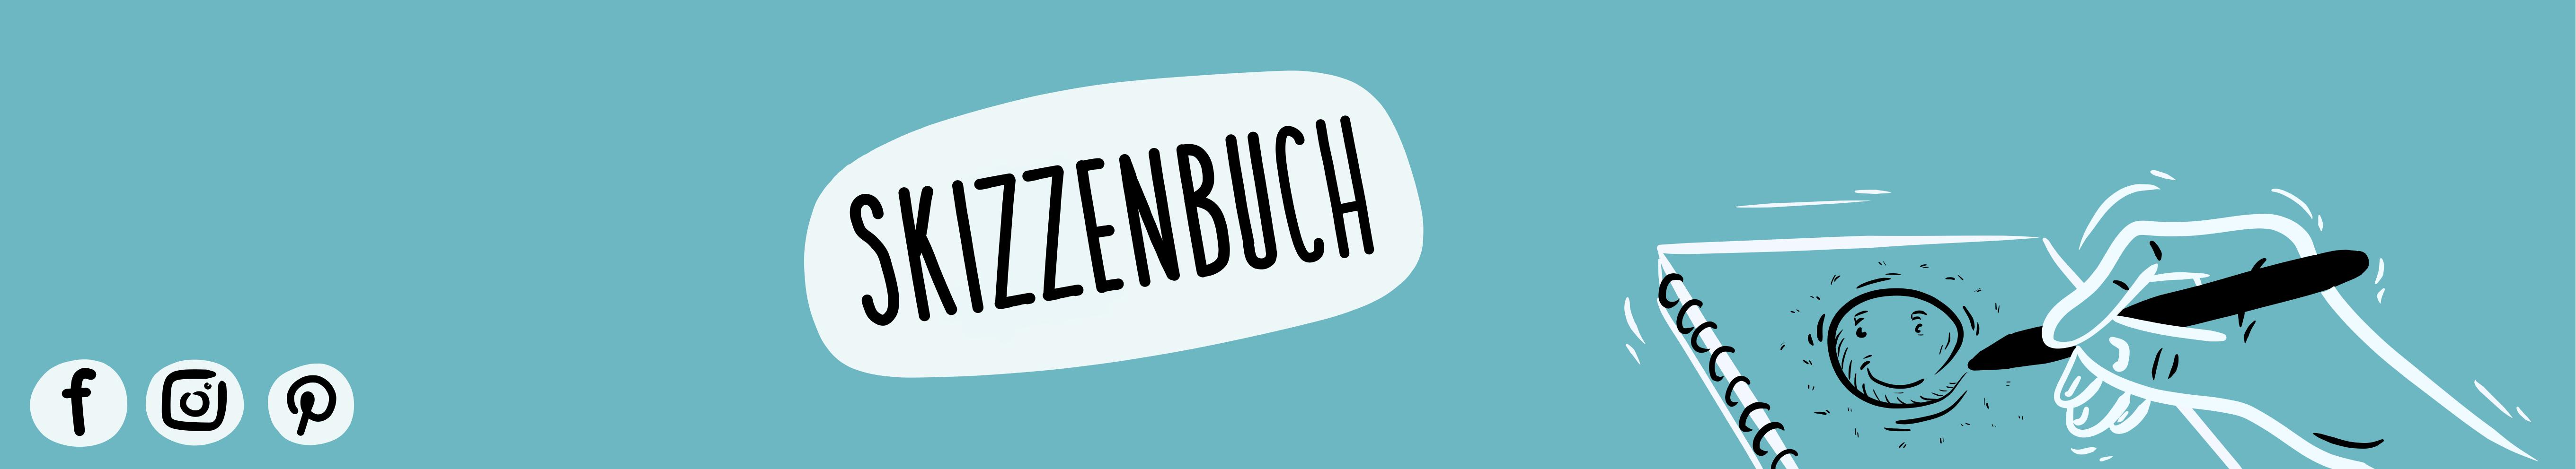 Headerbild Skizzenbuch | handundstift.de - Der kreative Blog rund um digitale Illustration aus Potsdam